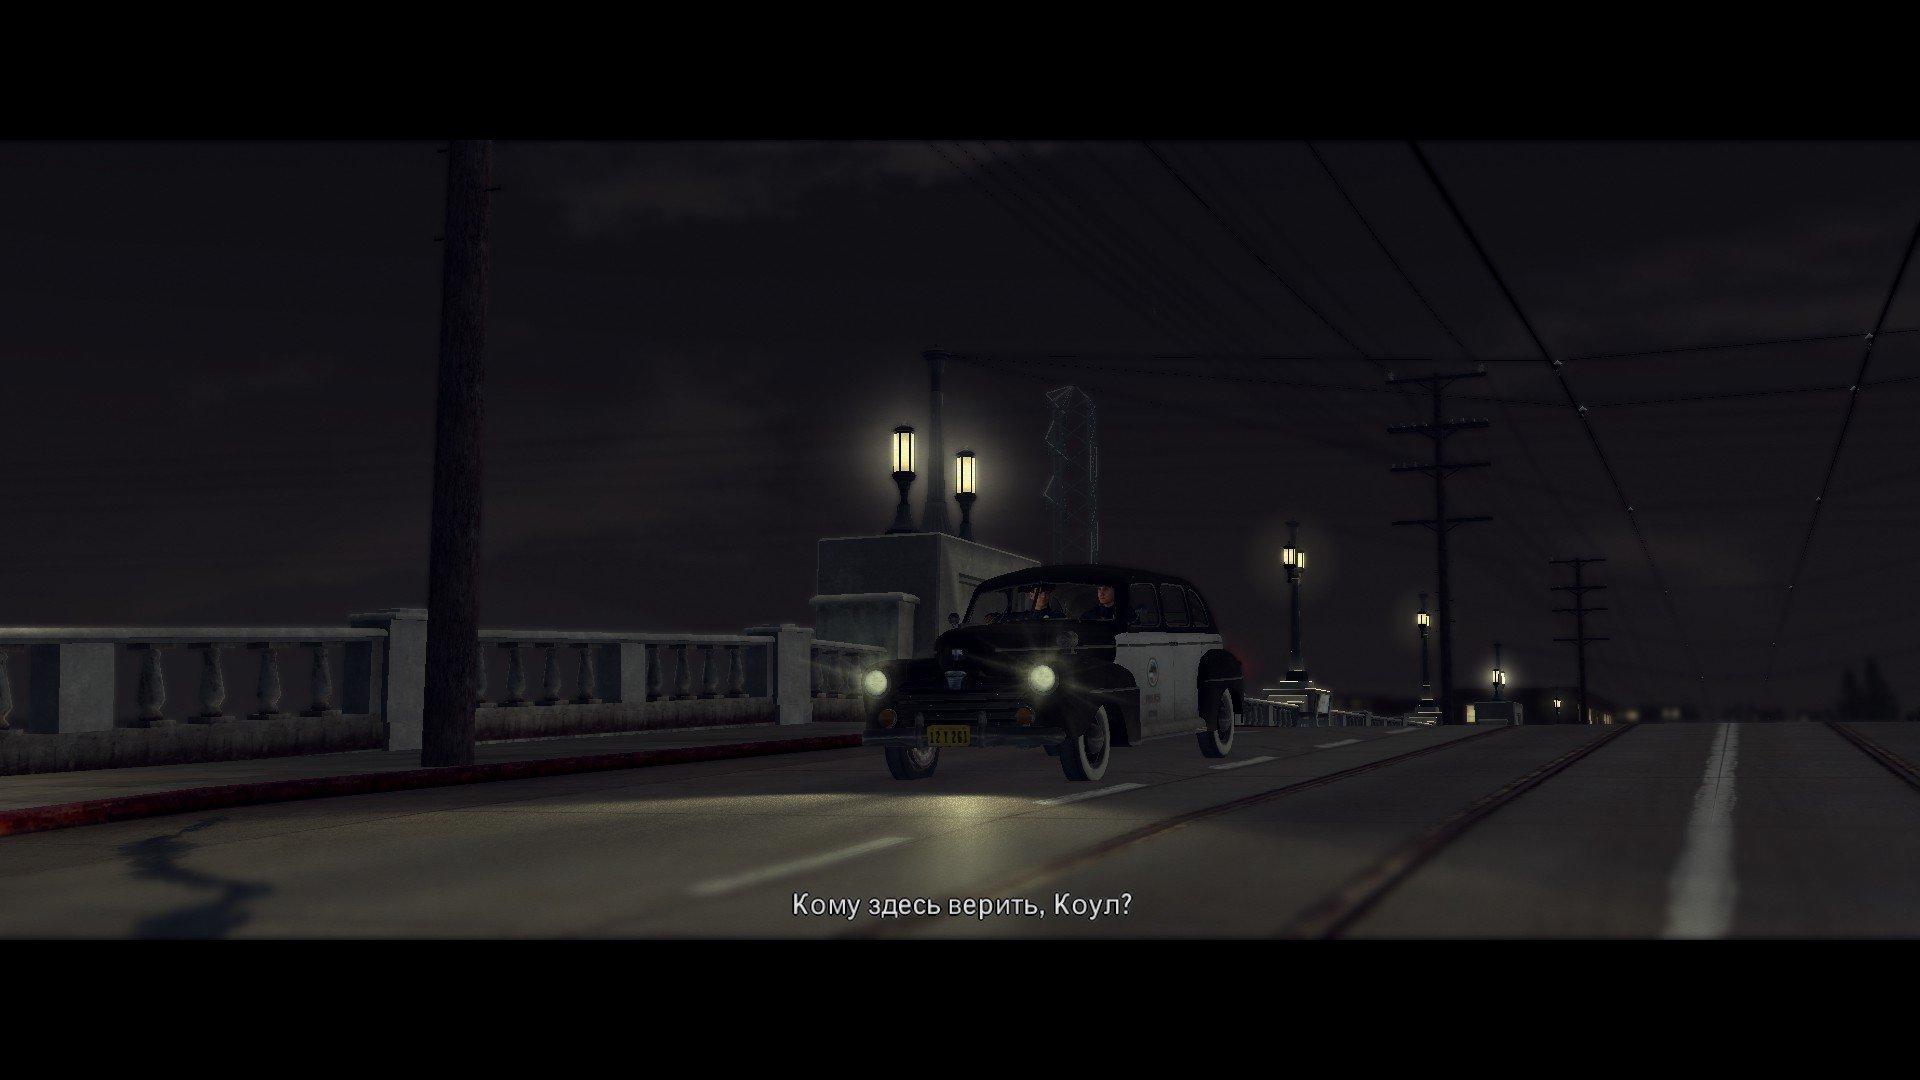 Пост-прохождение L.A. Noire Часть 1 НАЧАЛО!!!. - Изображение 7